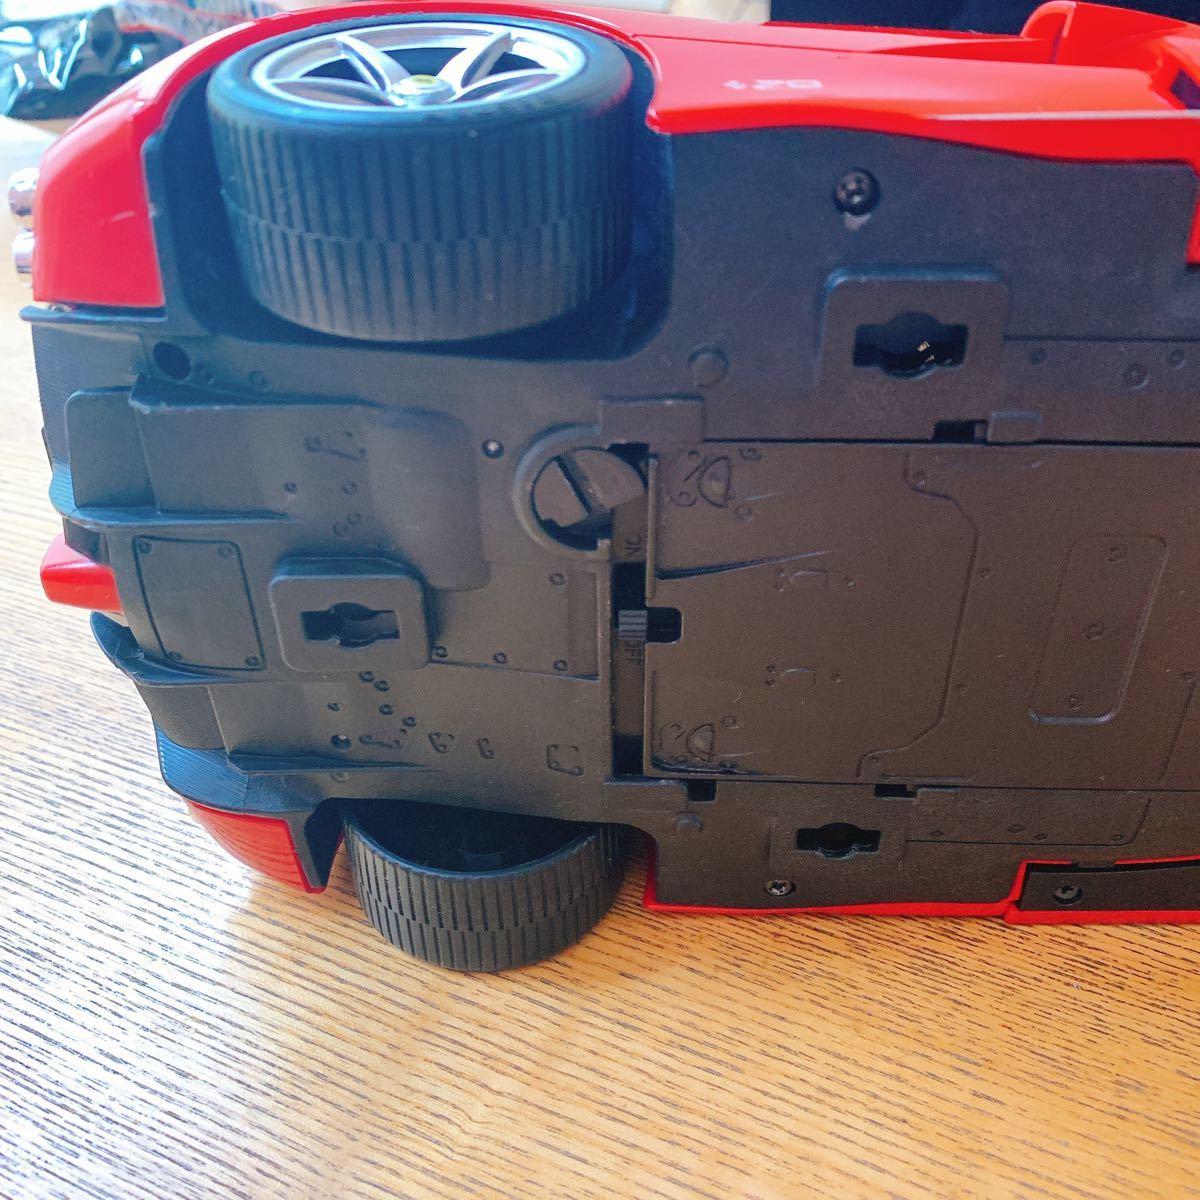 RASTAR ラジコンカー 1/14 ラ フェラーリ アペルタ (手動開閉ドア&ドリフト) 中古美品 フェラーリ 完成品